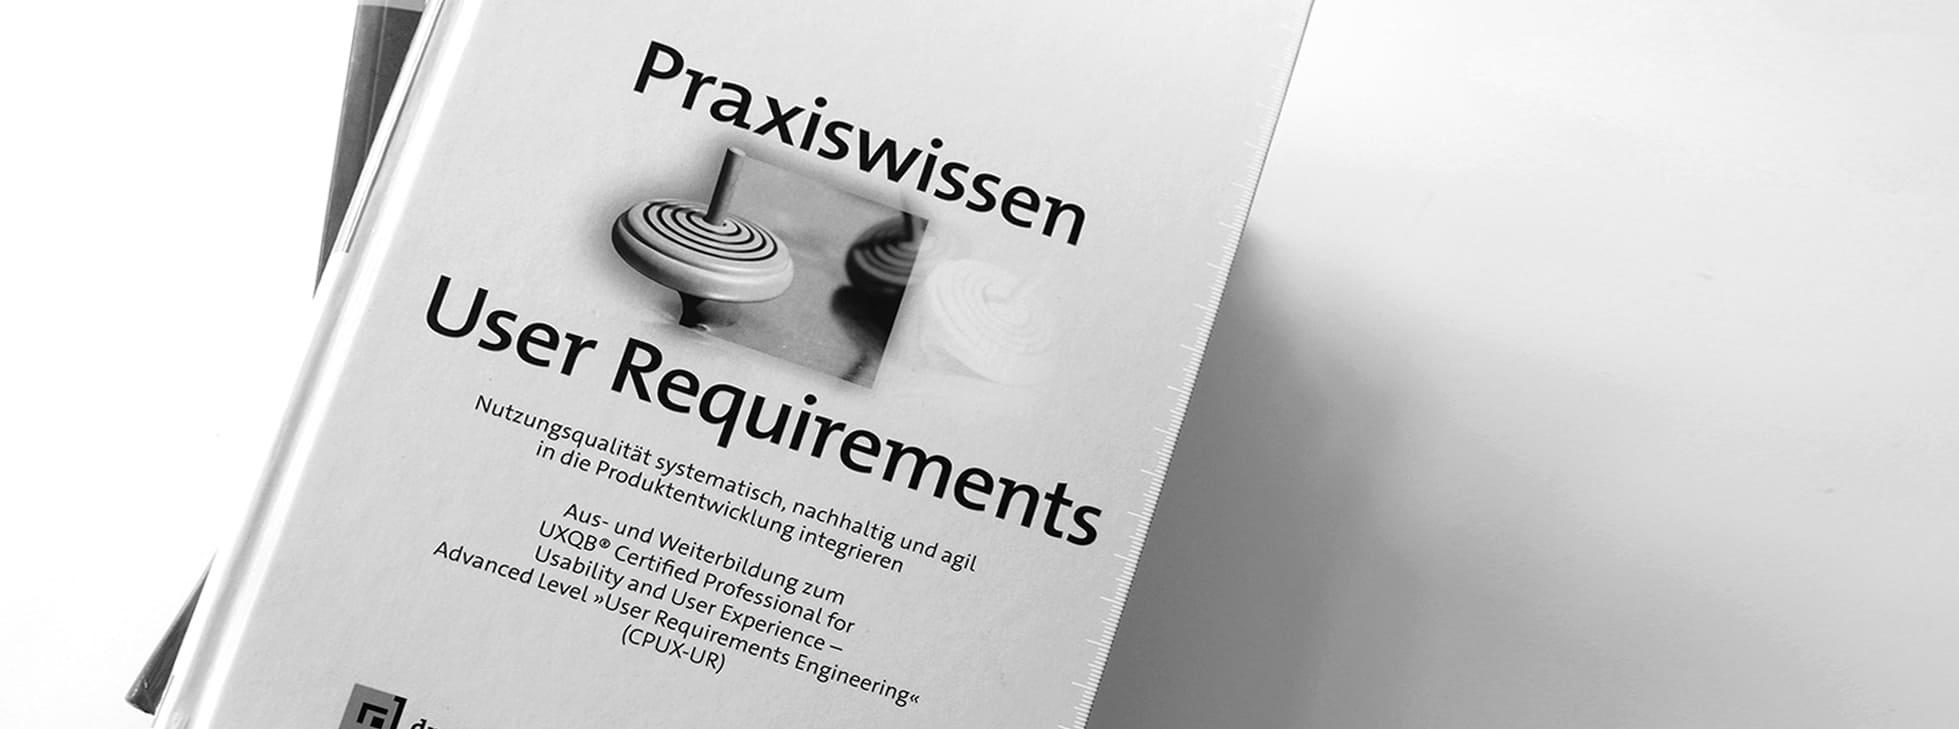 artop-Praxiswissen-User-Requirements.